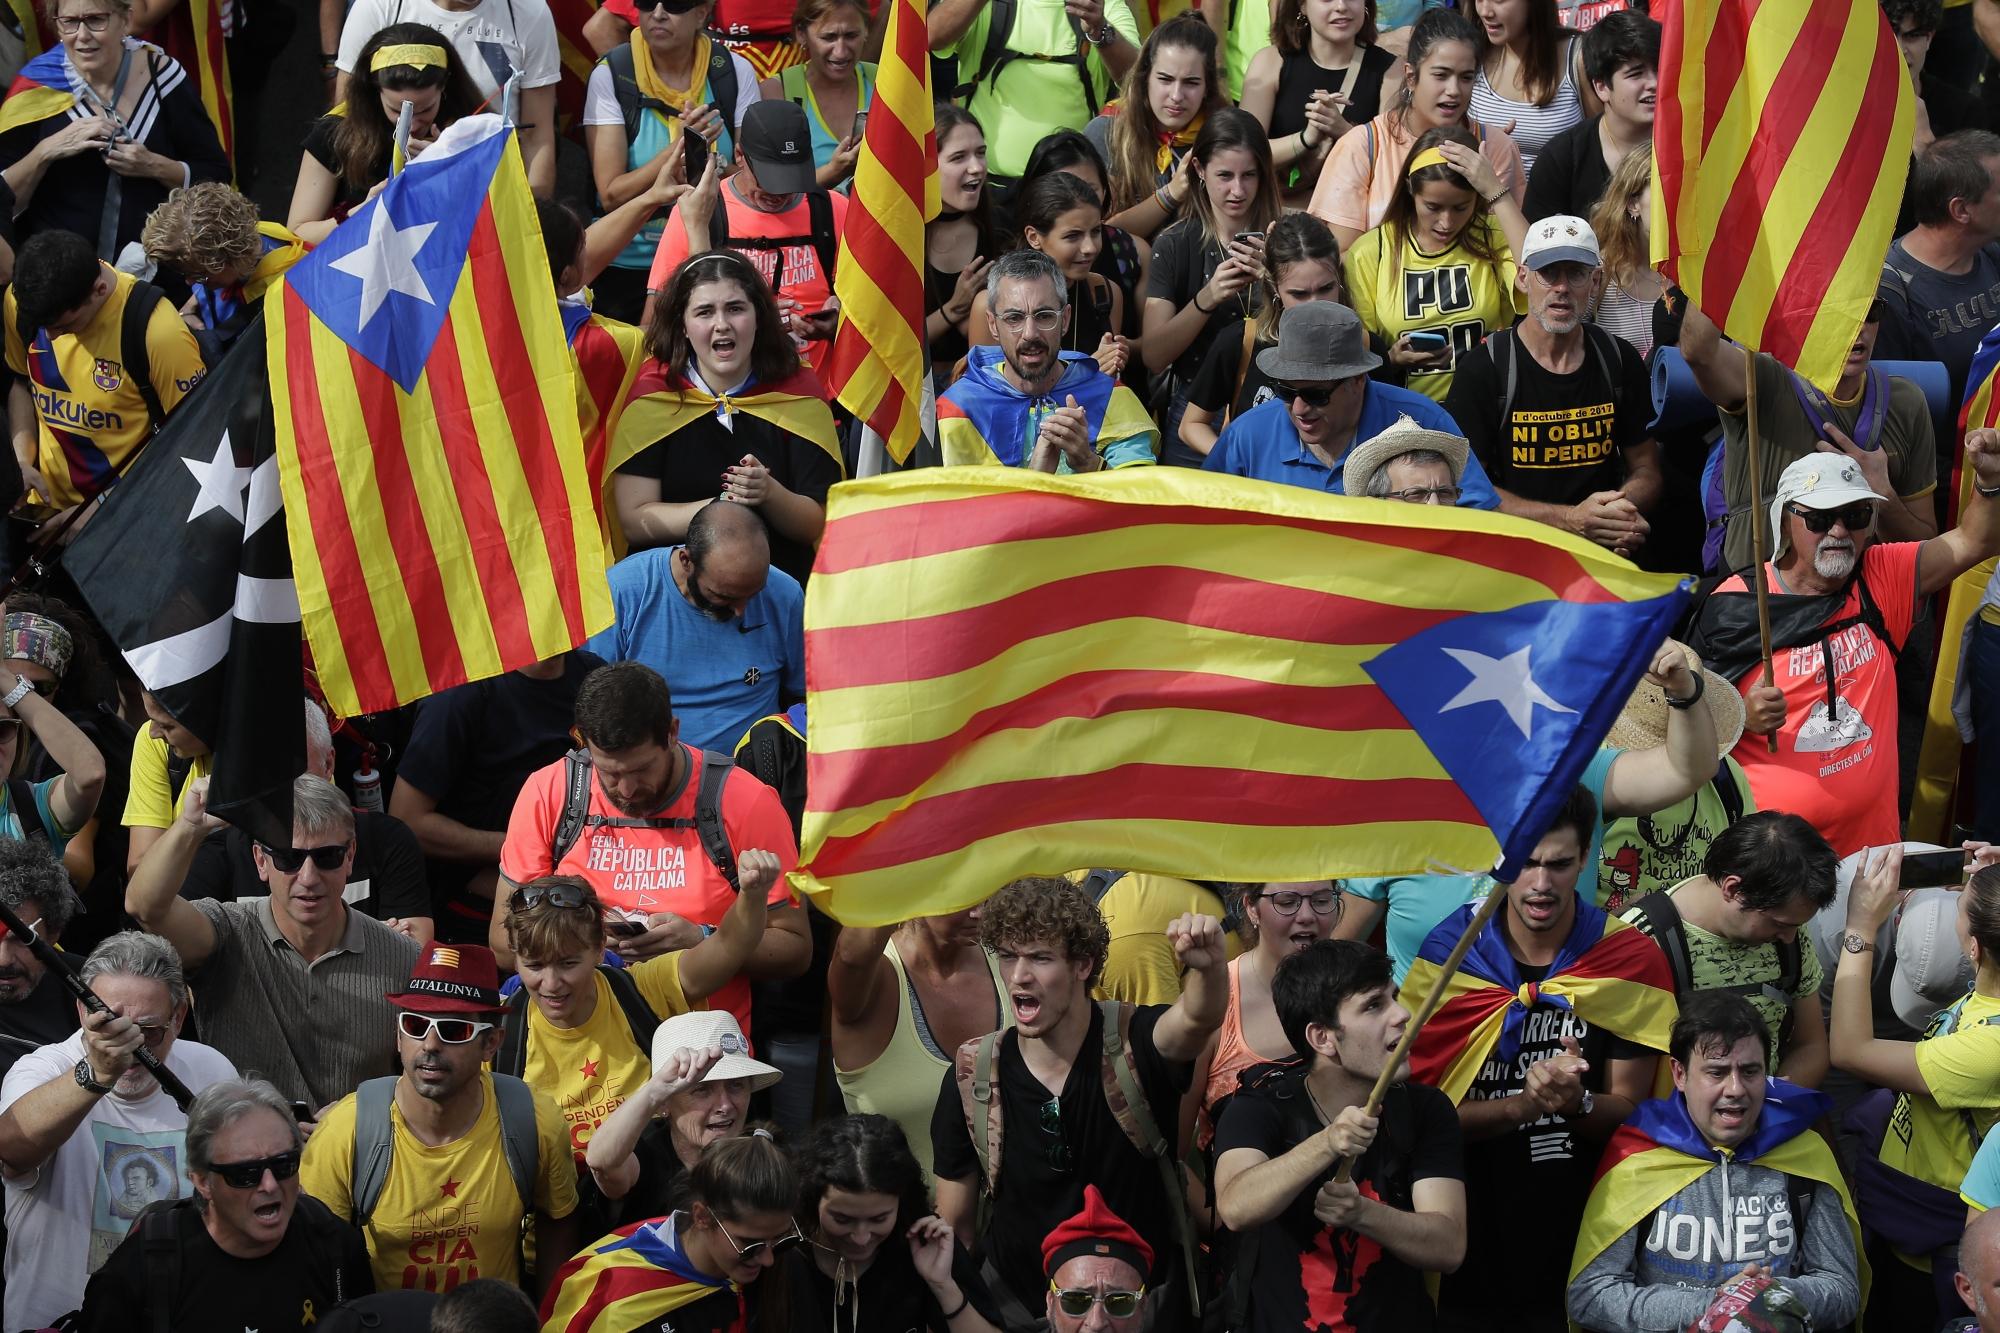 Százezrek tüntettek a katalán függetlenségi mozgalom vezetőinek szabadon engedéséért